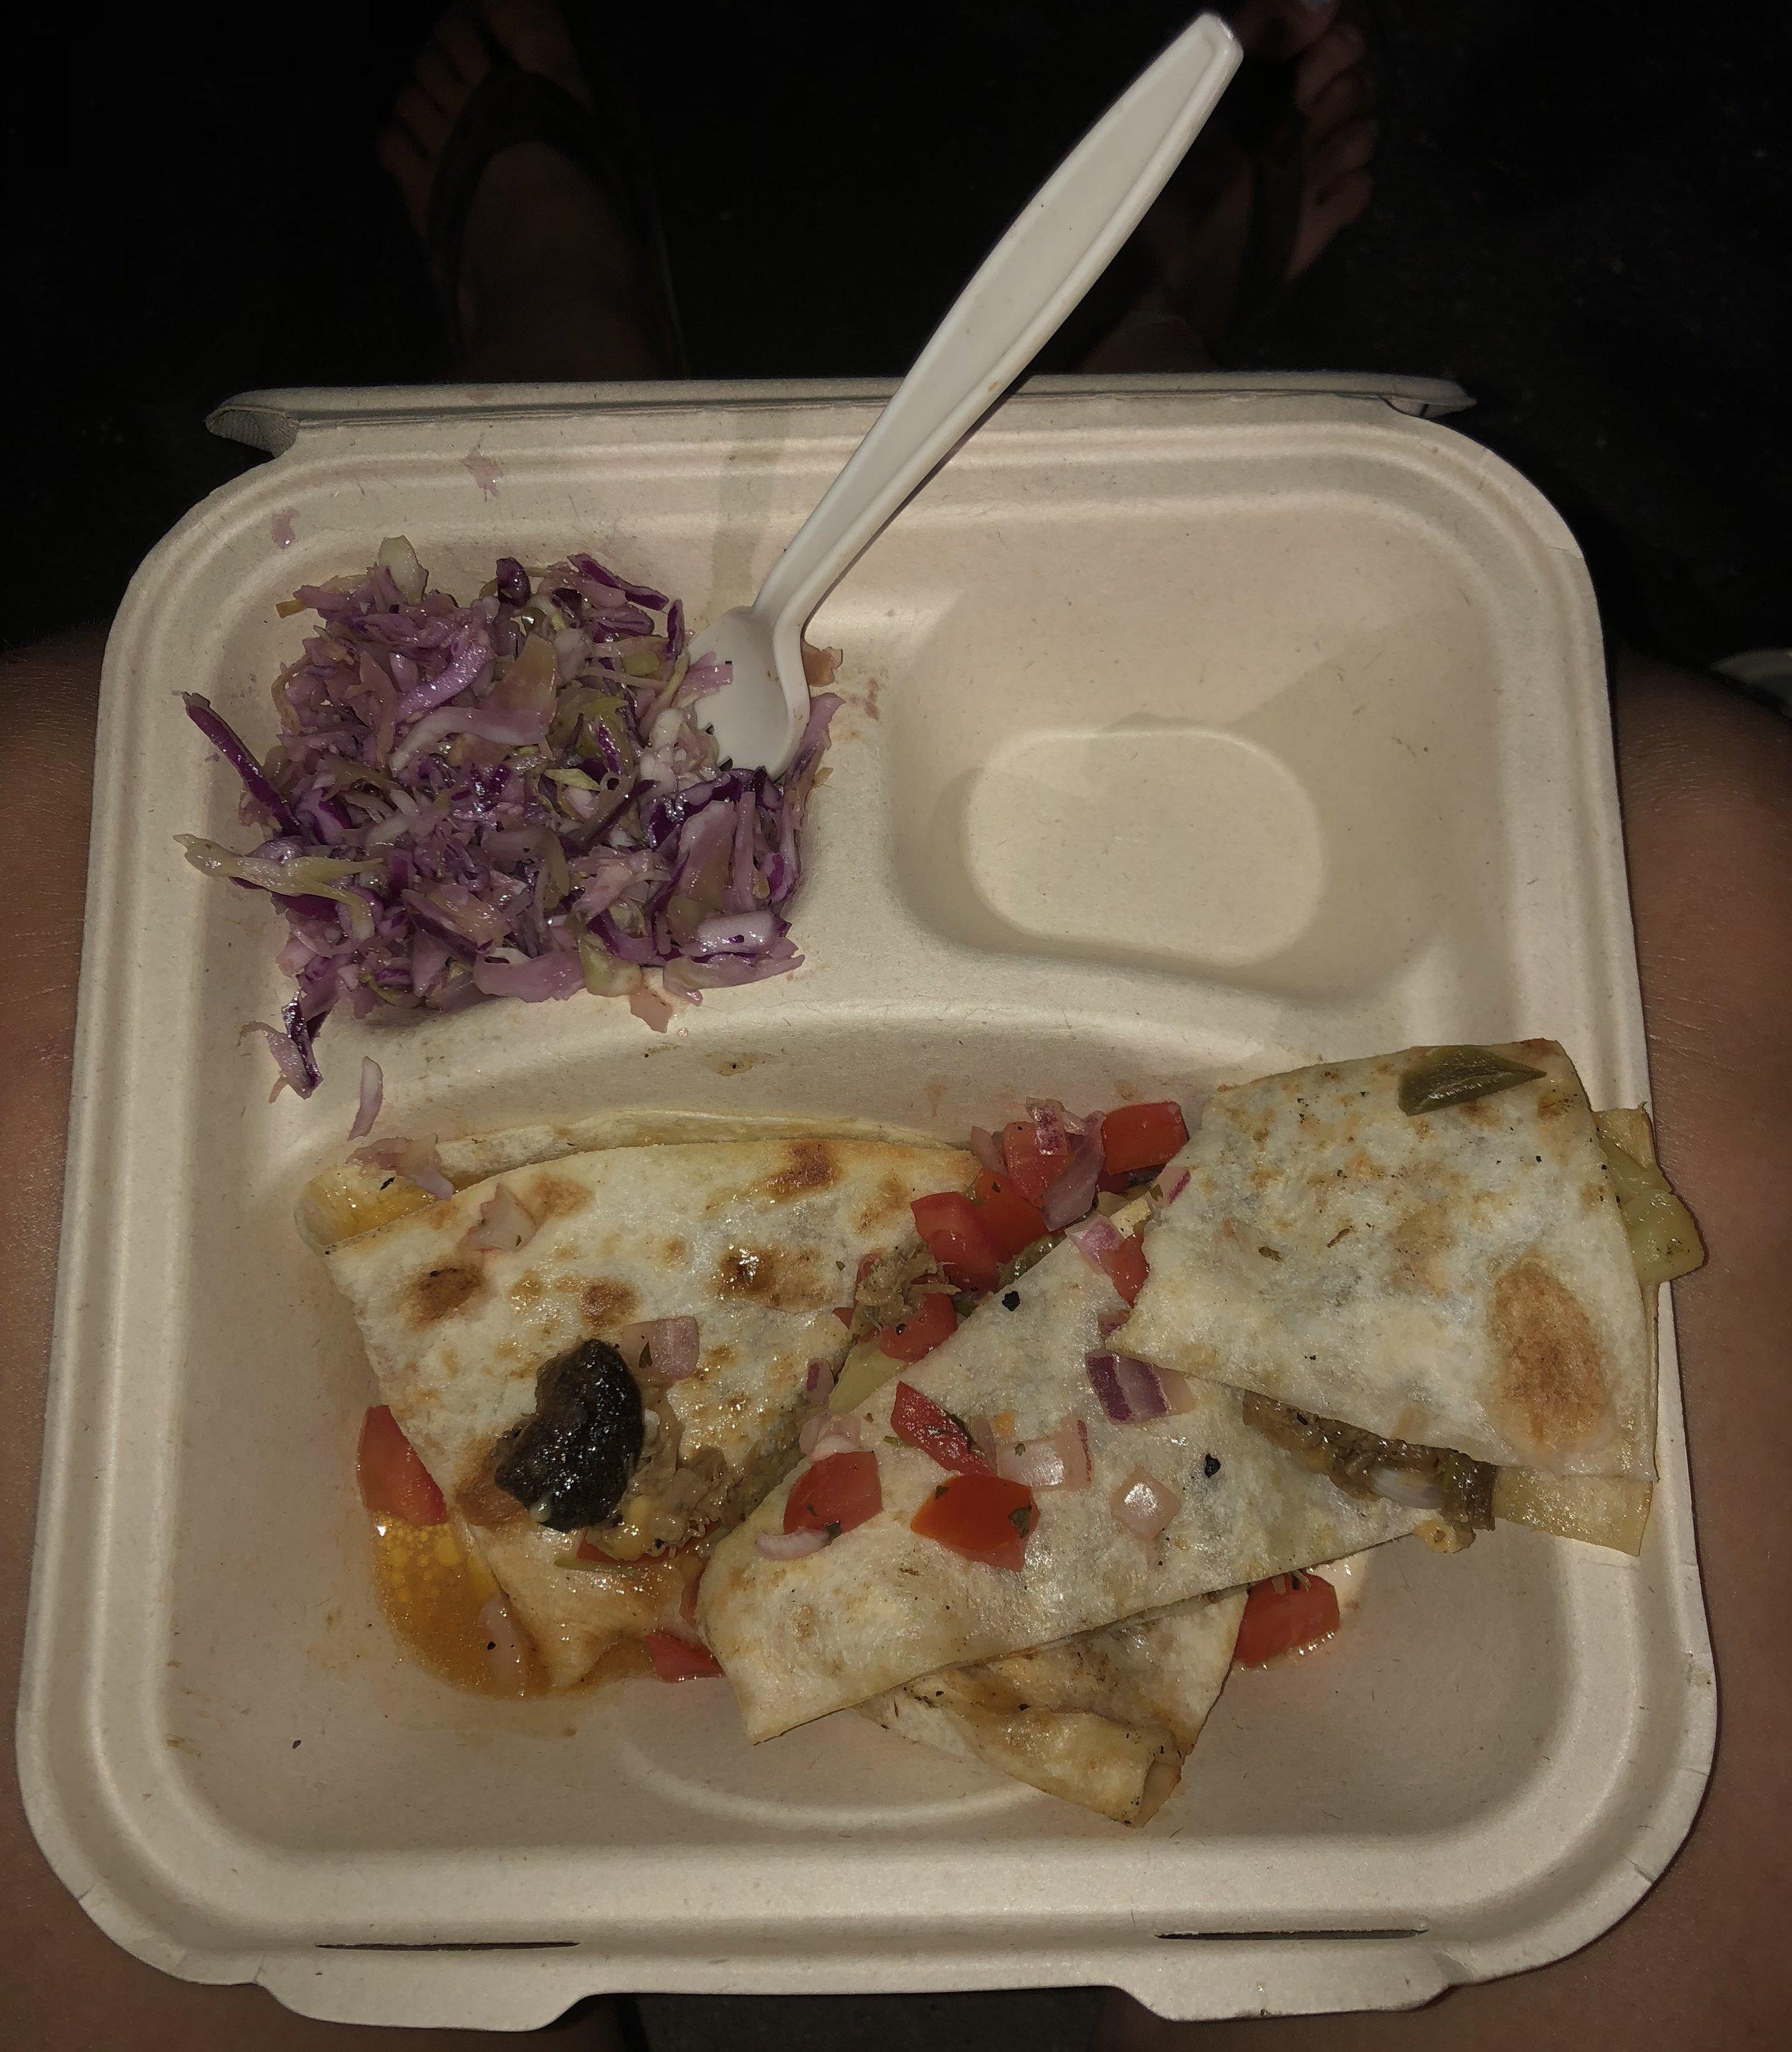 Yummy food from yummy food truck.